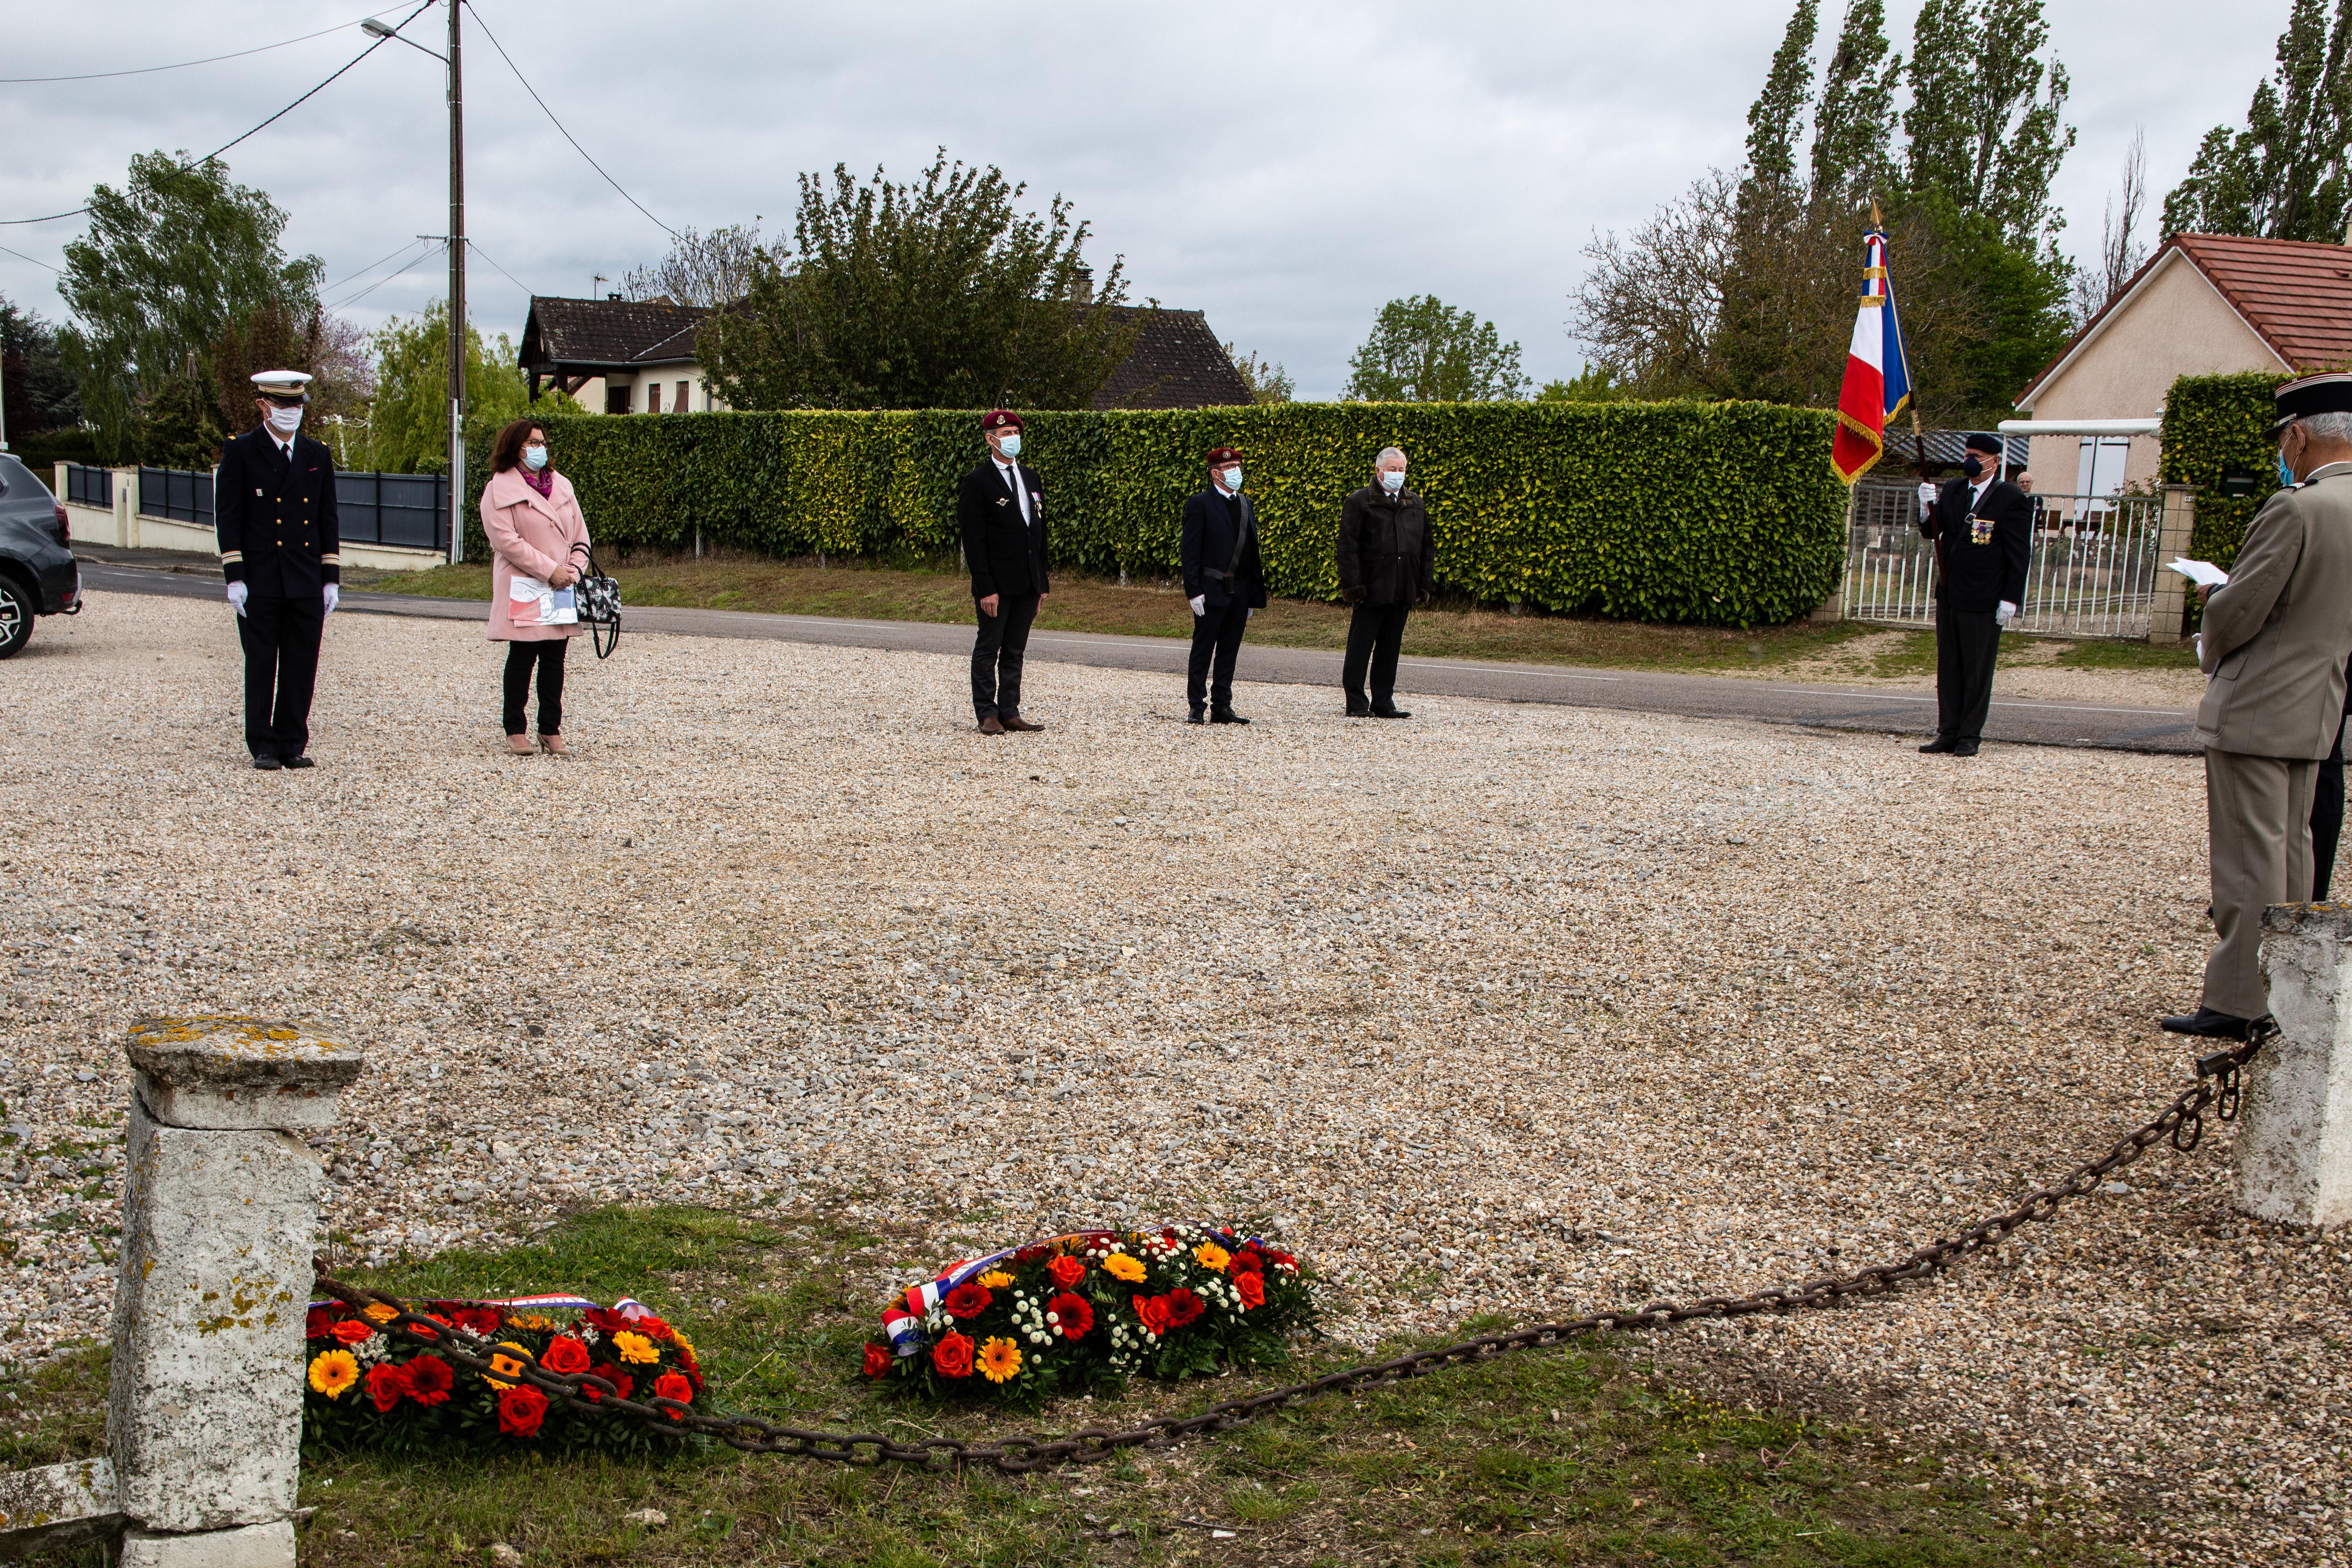 Tournage tricotage entrerprise Maternne à Moreuil photo façade batiment 5 _7 sur 15_.jpg